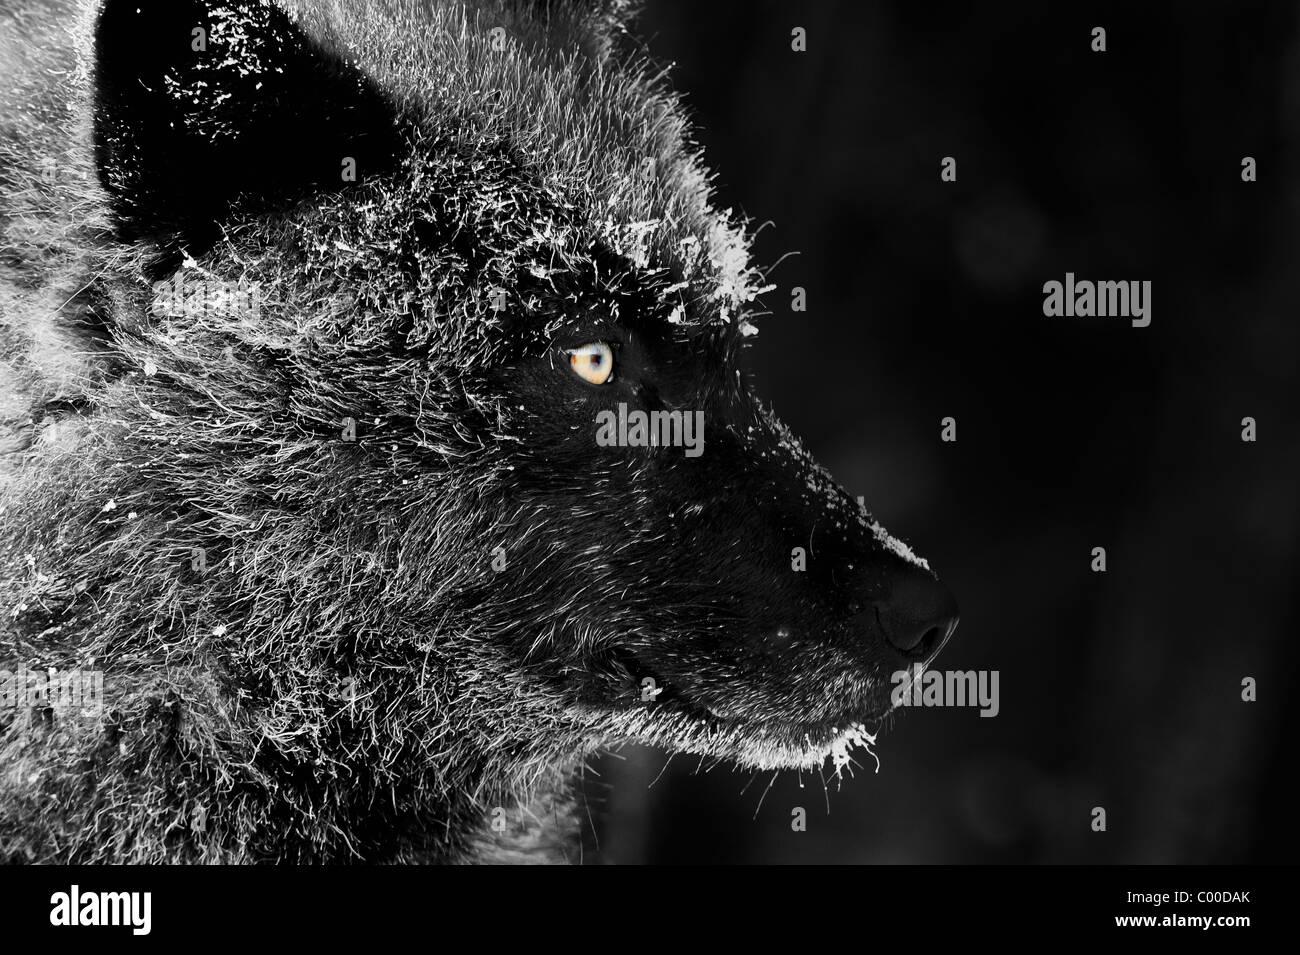 Un loup noir avec profil visage couvert de gel à partir de la fourrure d'un soir d'hiver froid dans Photo Stock